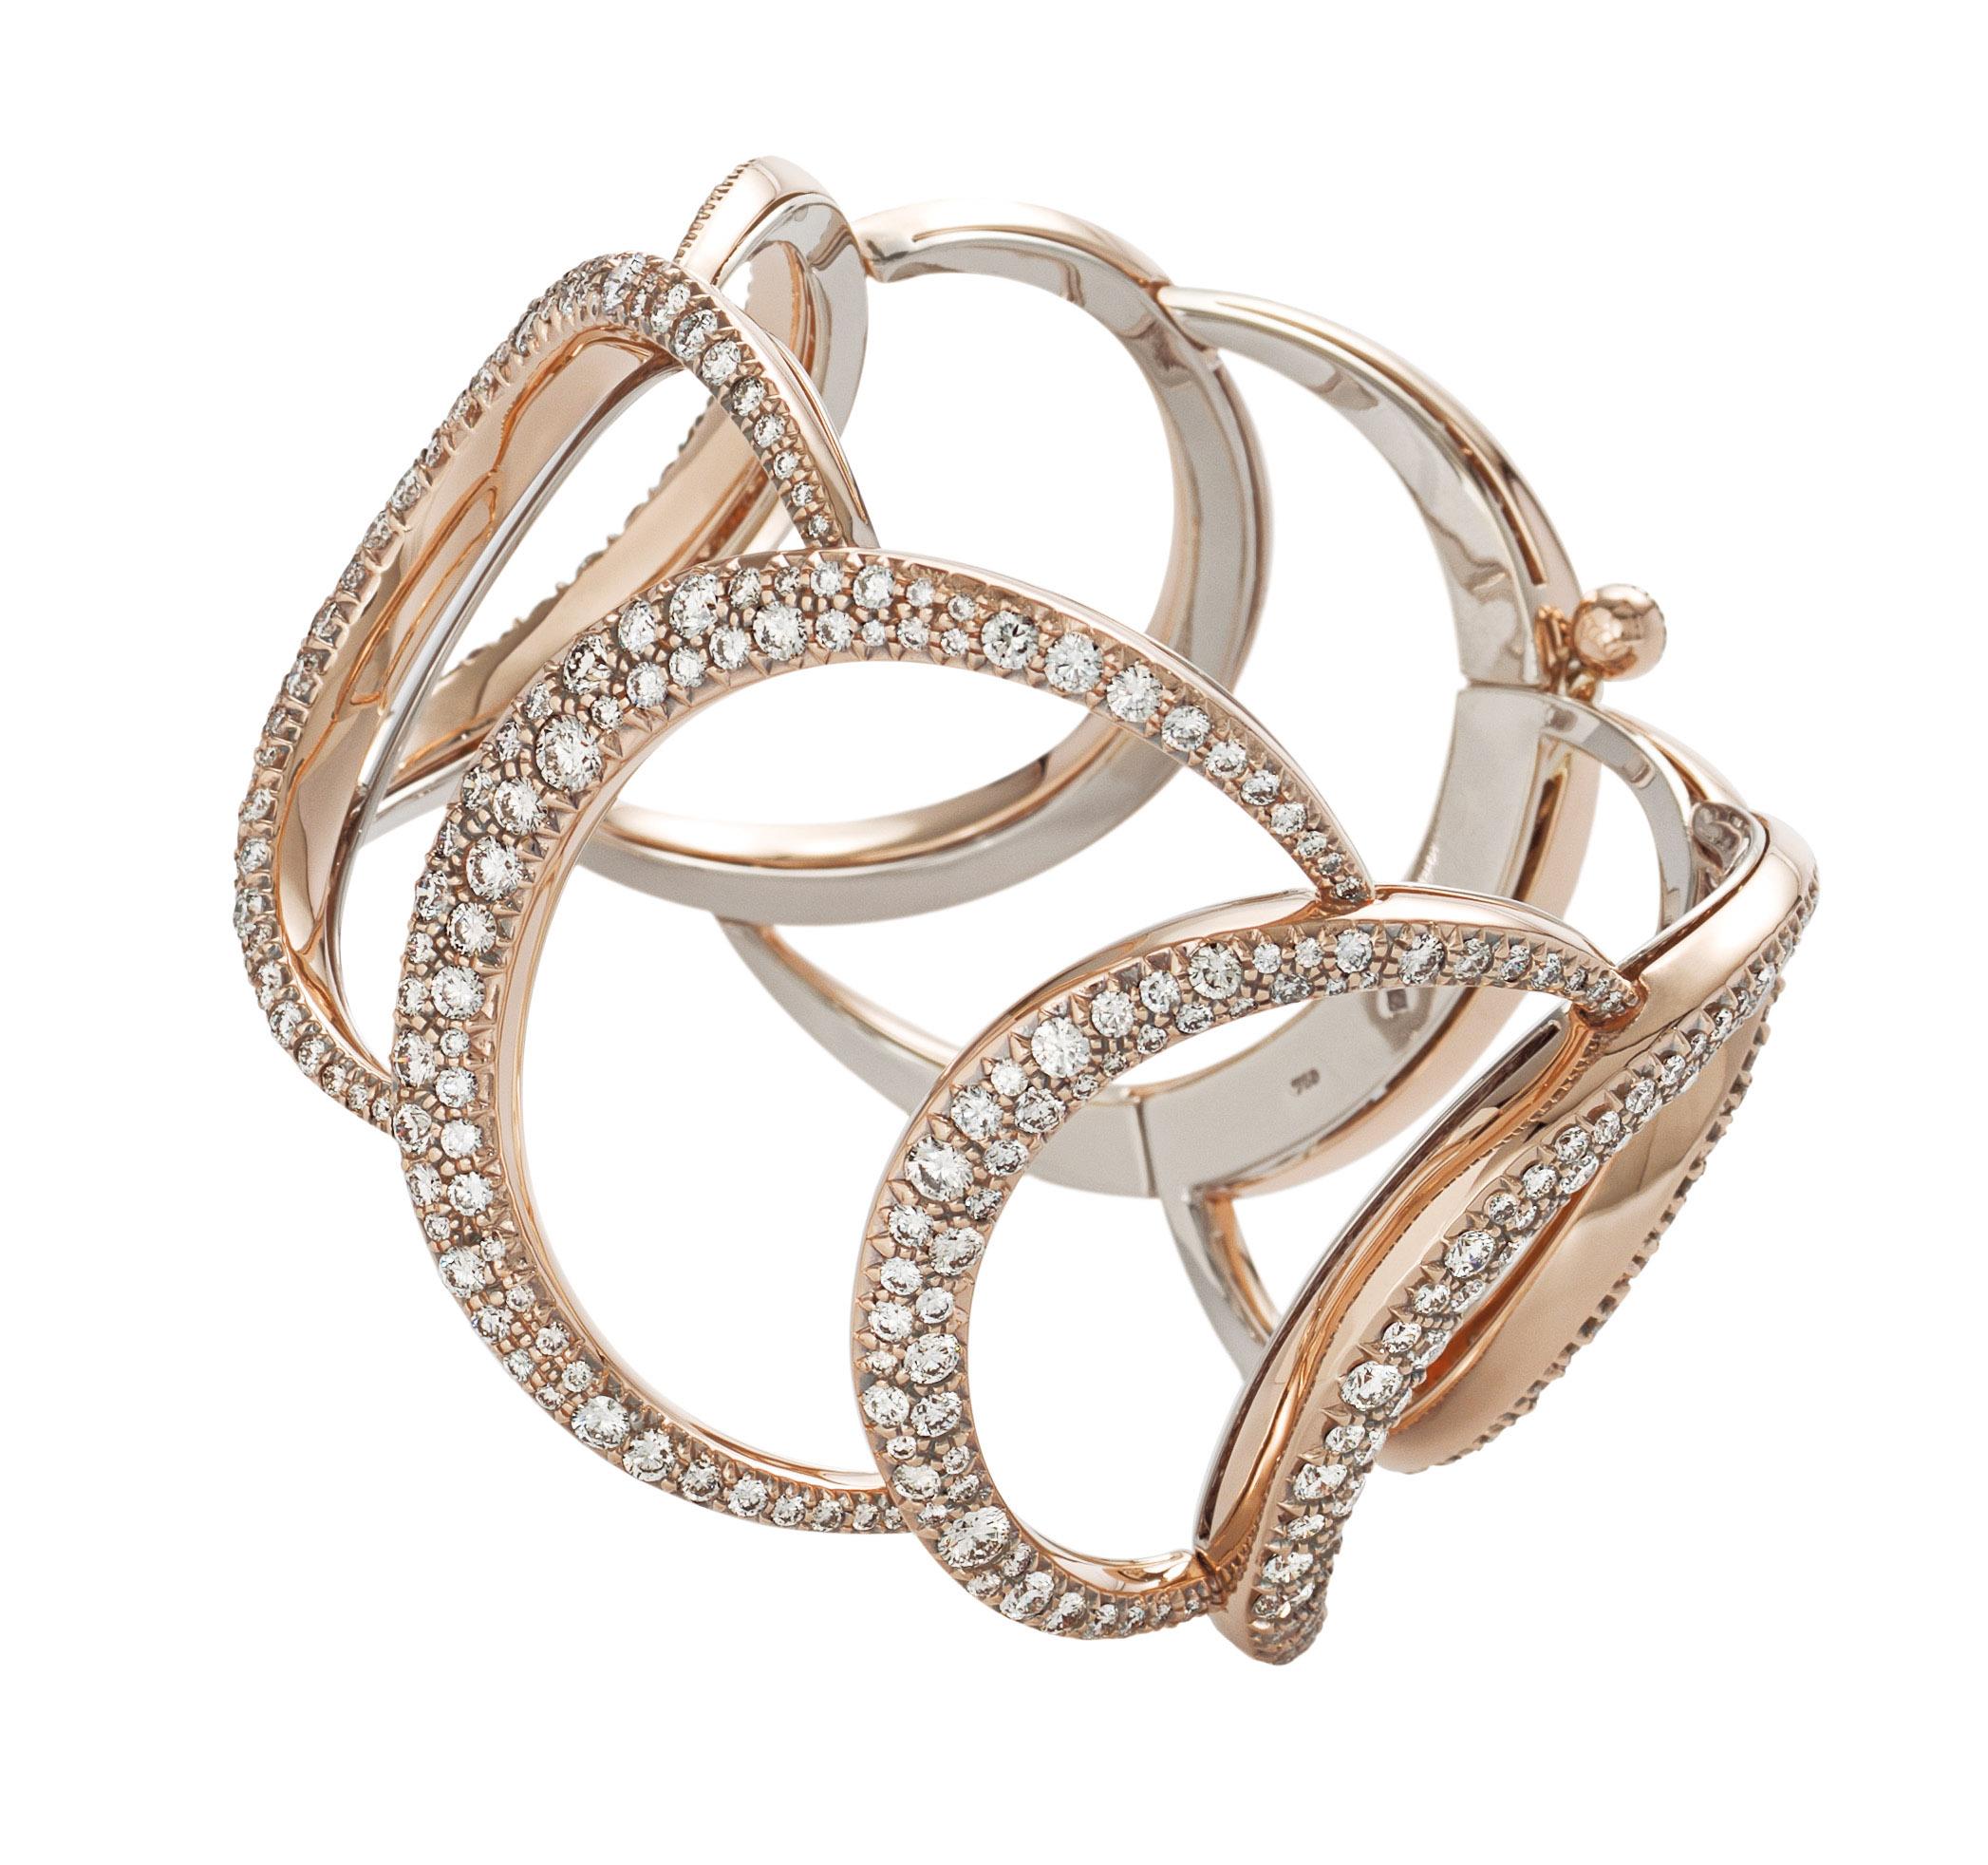 Pulseira Mya Maris de Ouro Nobre na parte interna e ouro rosé com diamantes na parte externa